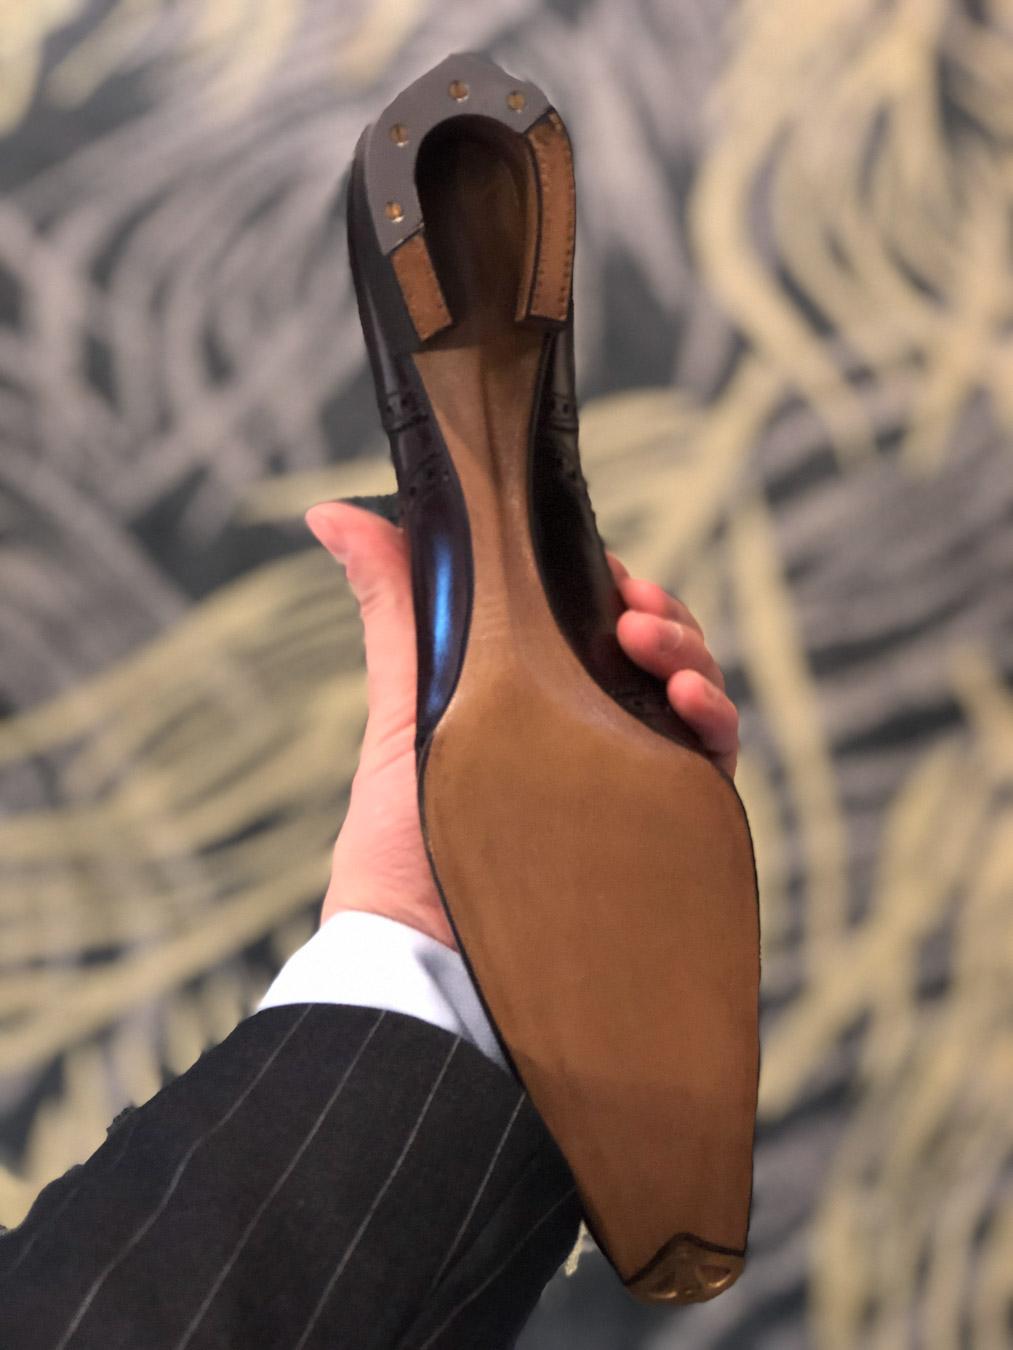 Daniel Wegan's winning shoe